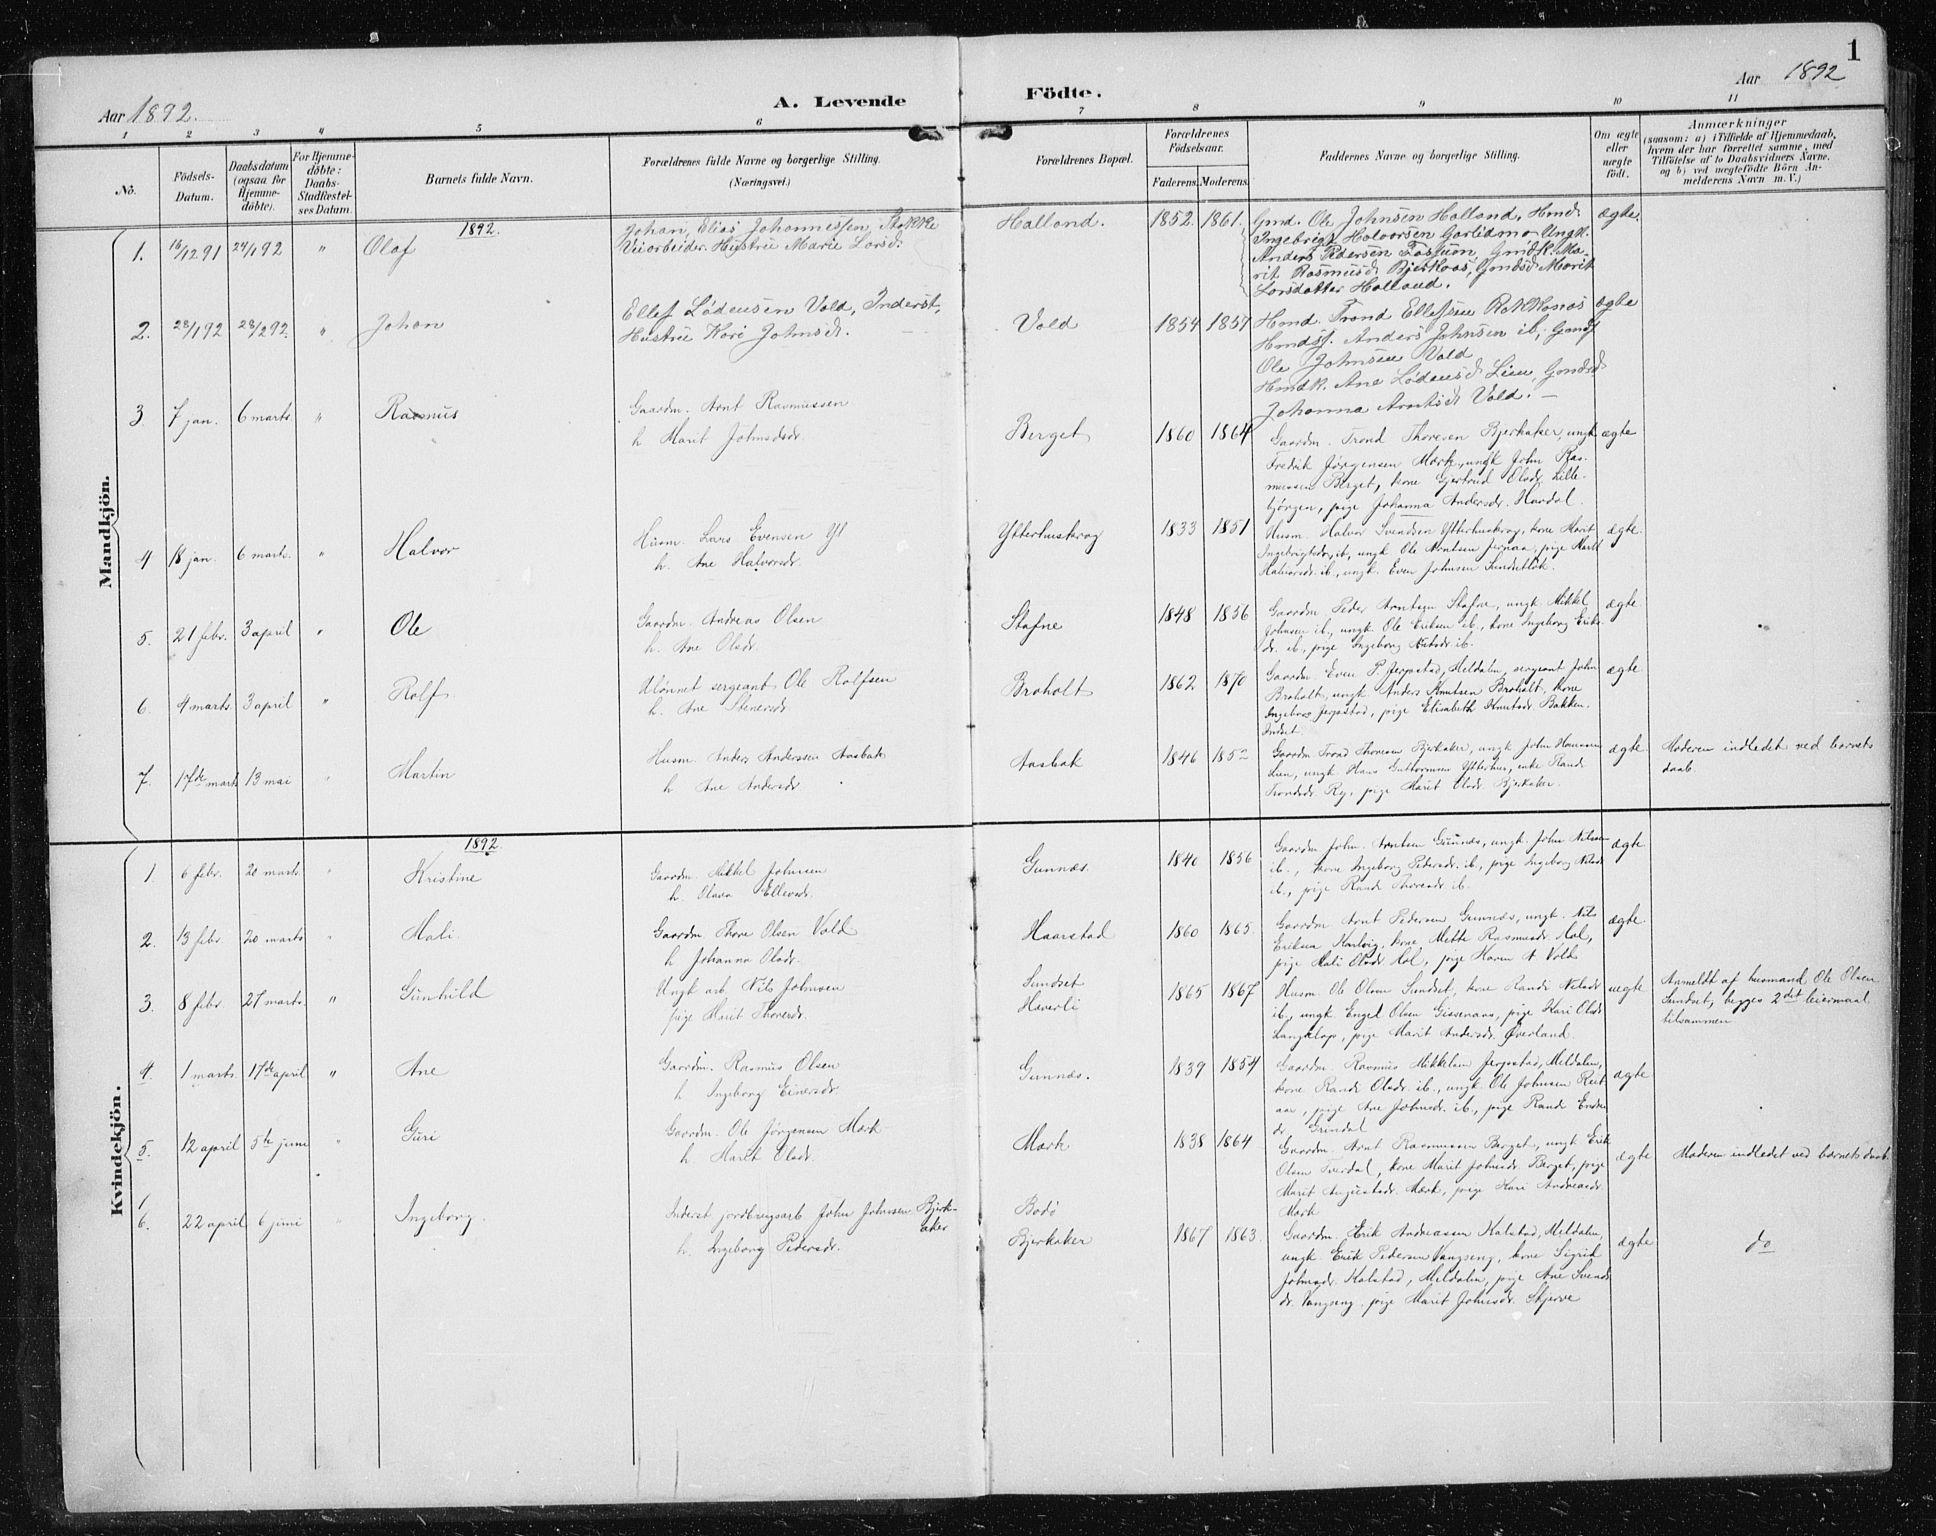 SAT, Ministerialprotokoller, klokkerbøker og fødselsregistre - Sør-Trøndelag, 674/L0876: Klokkerbok nr. 674C03, 1892-1912, s. 1